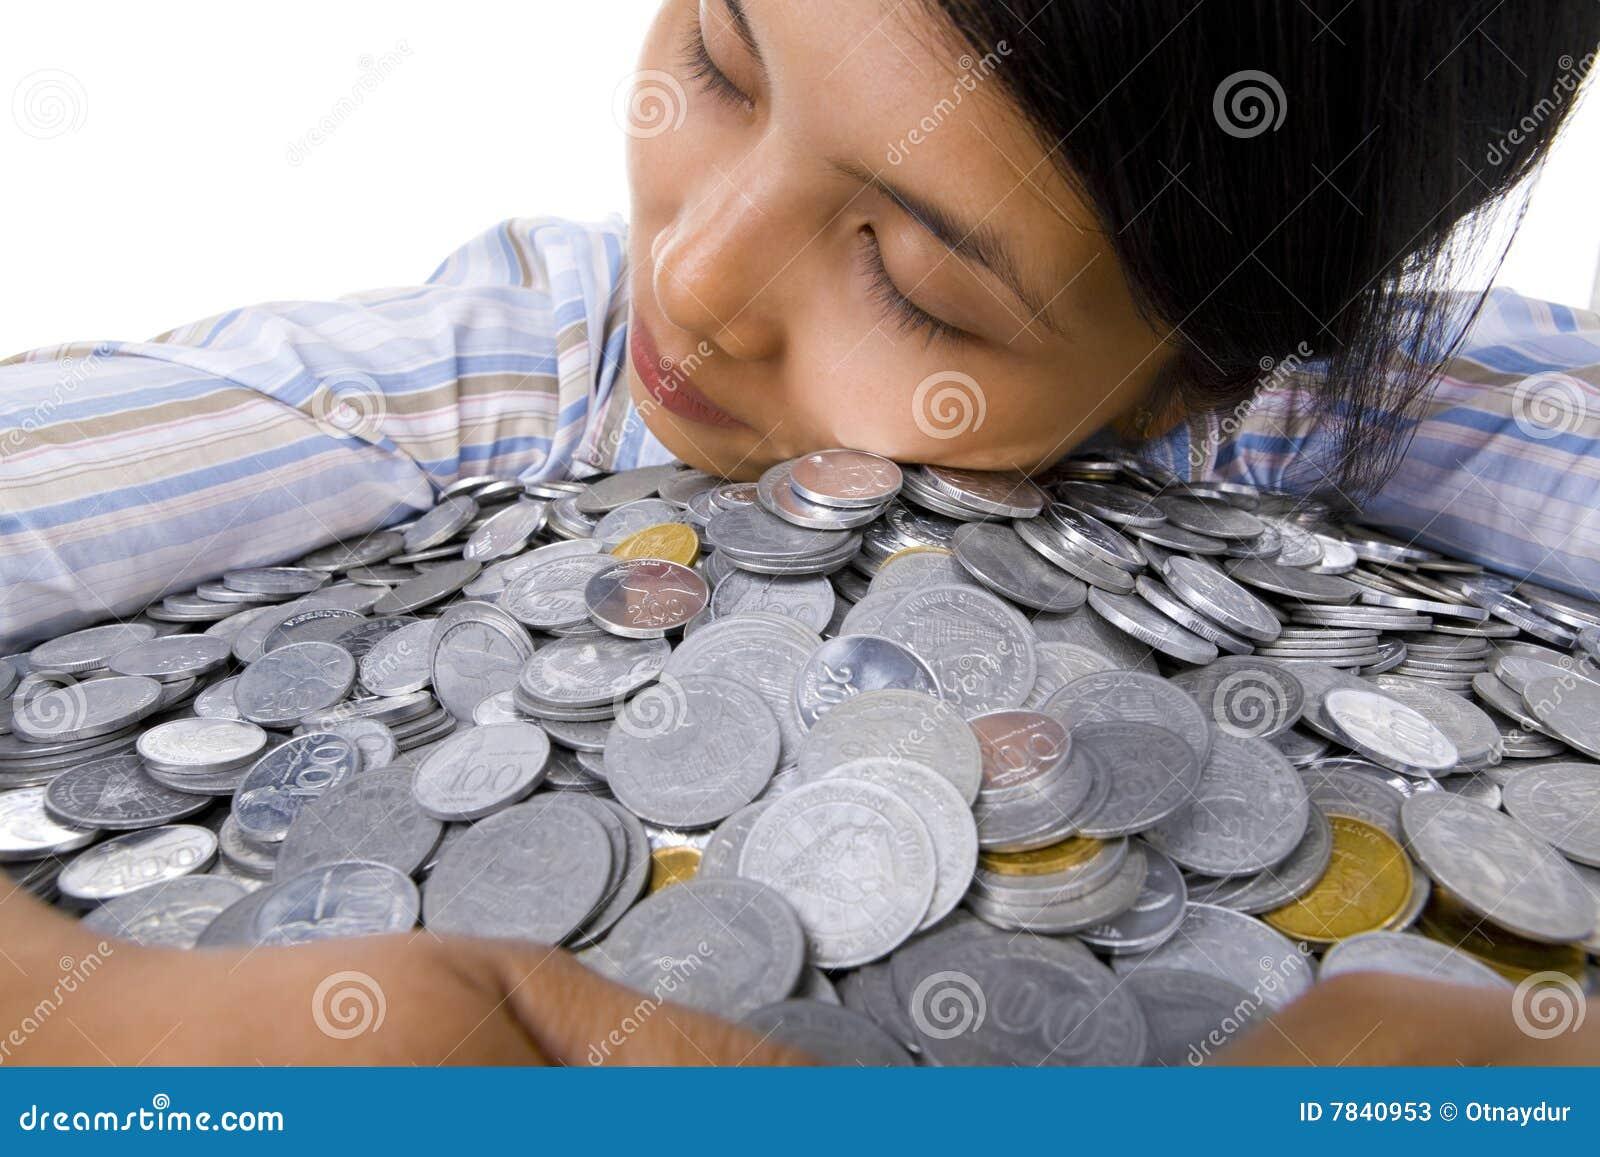 ich liebe geld stockbild bild von frieden stapel schlaf 7840953. Black Bedroom Furniture Sets. Home Design Ideas